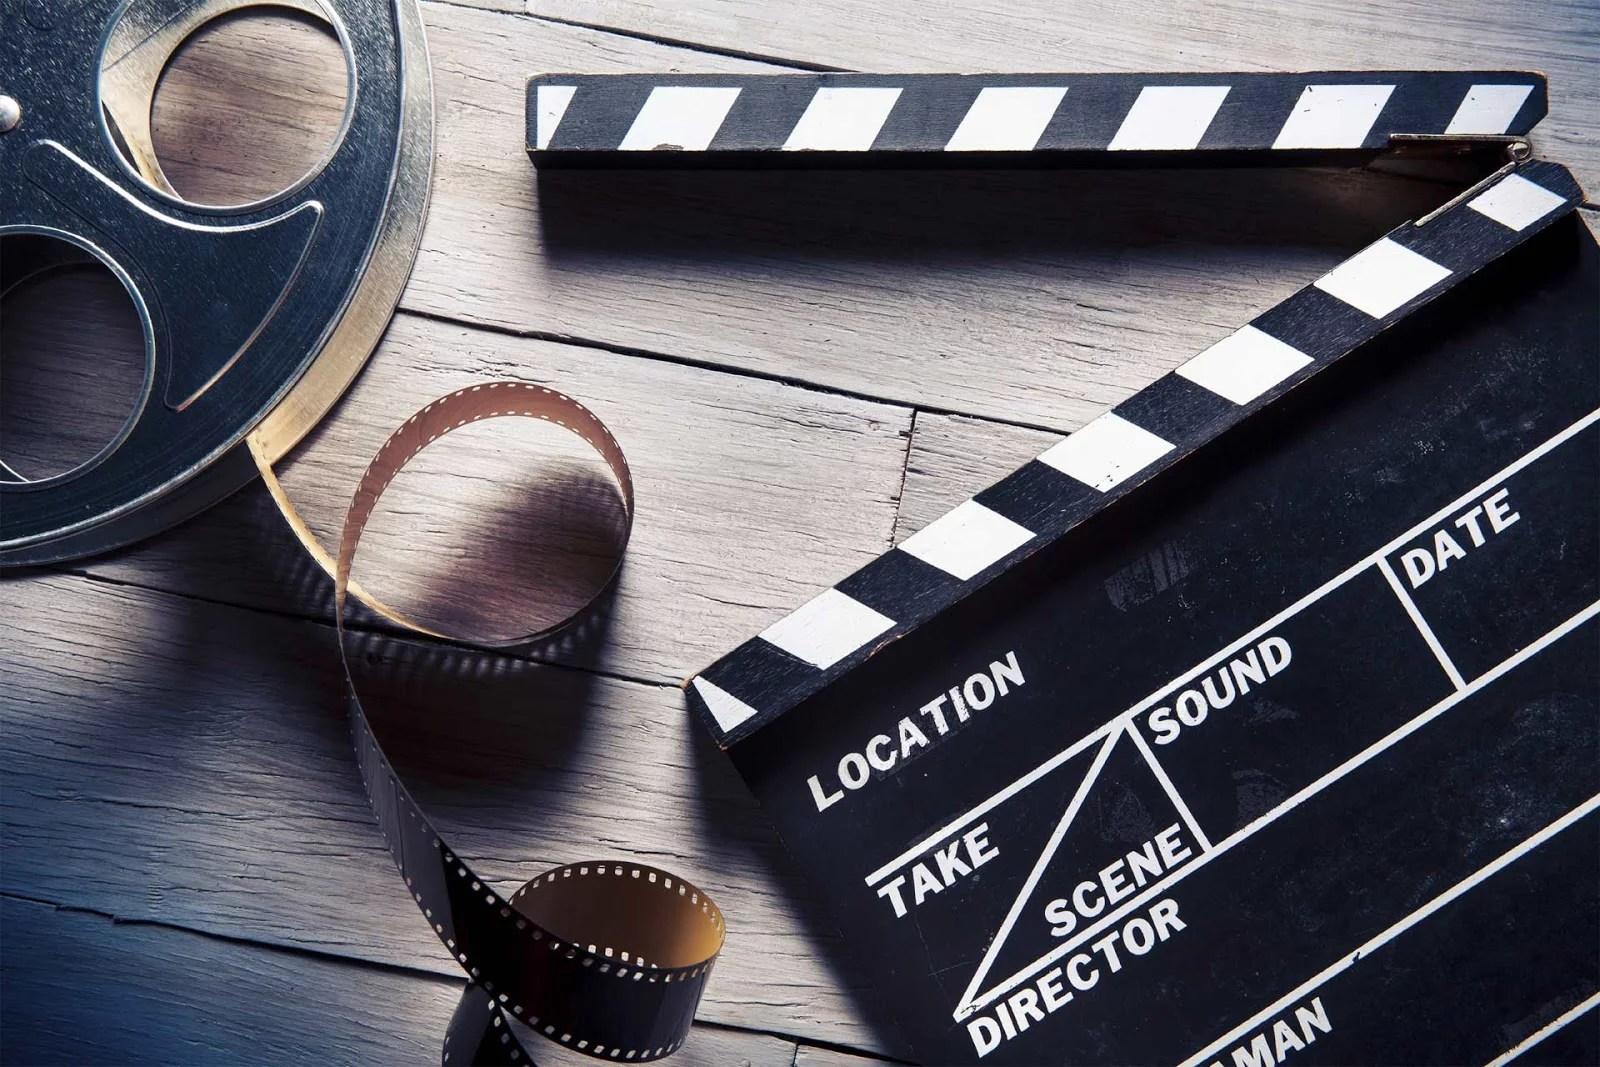 Compañía cinematográfica aceptará criptomoneda como pago para derechos editoriales